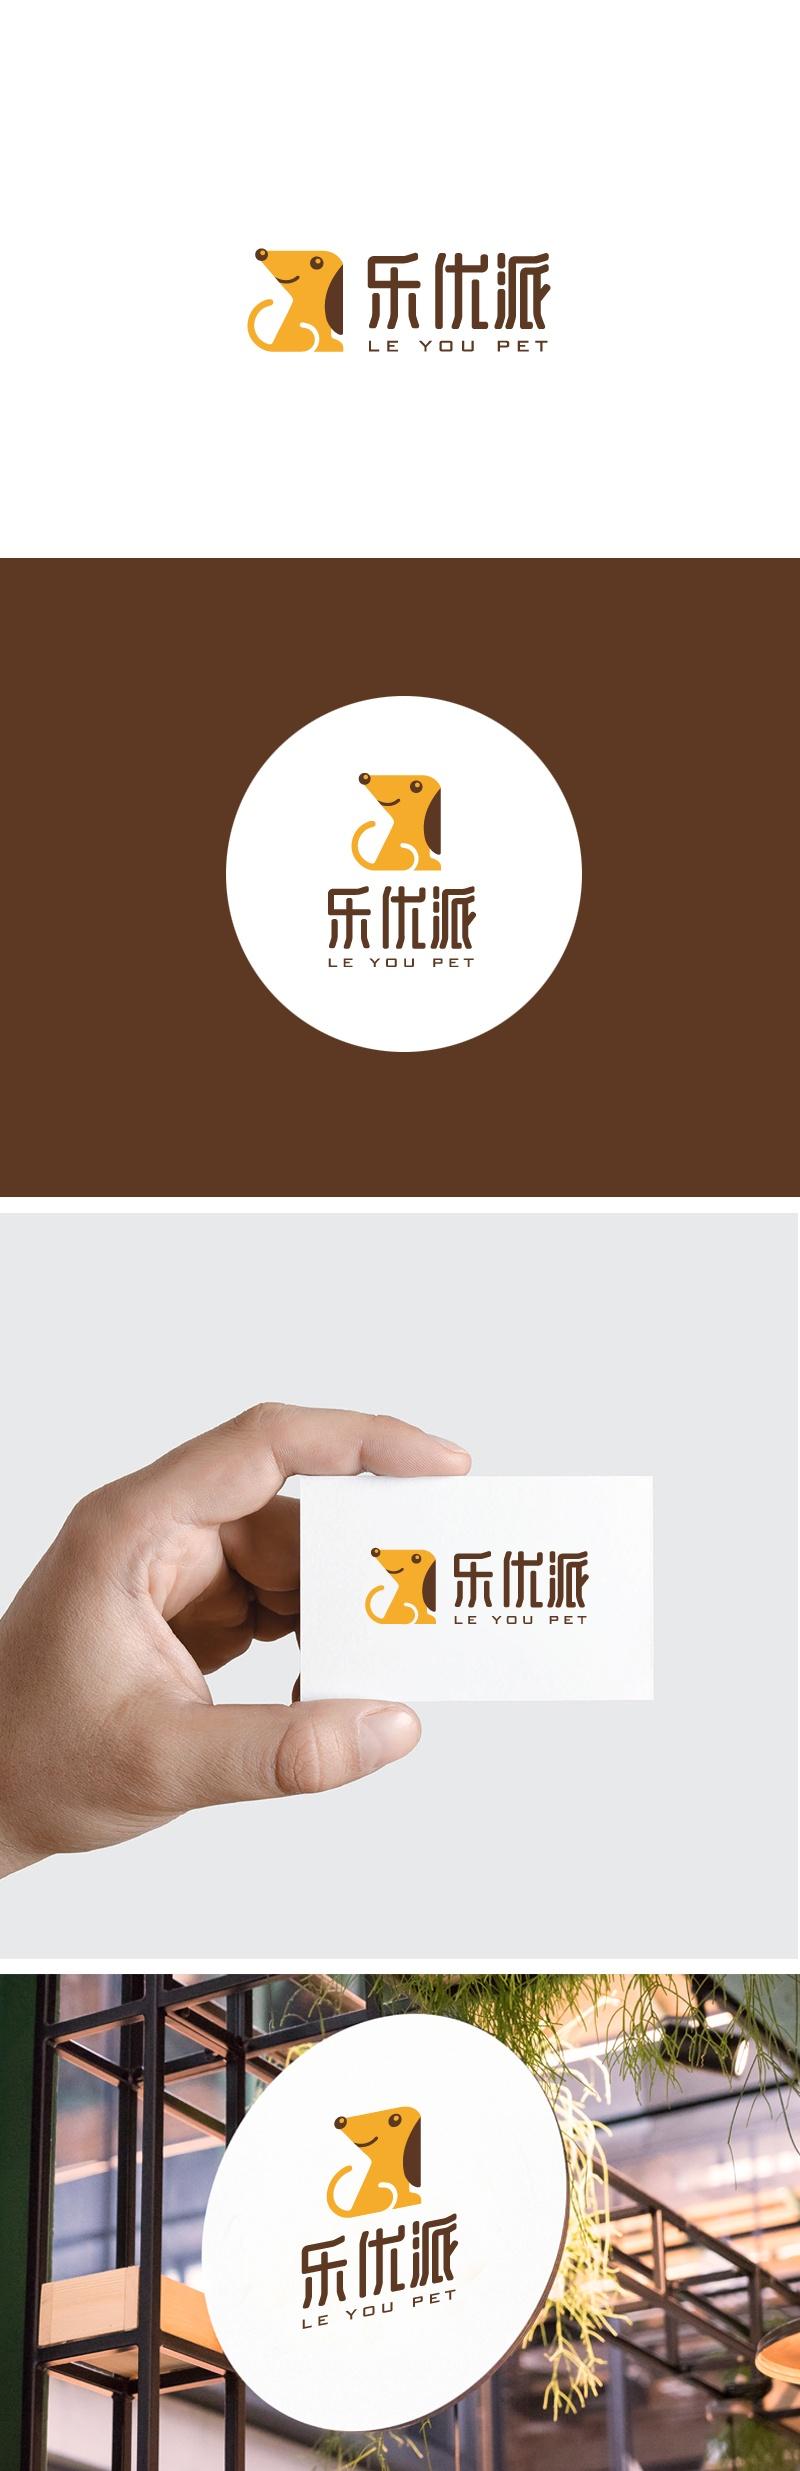 宠物用品品牌LOGO